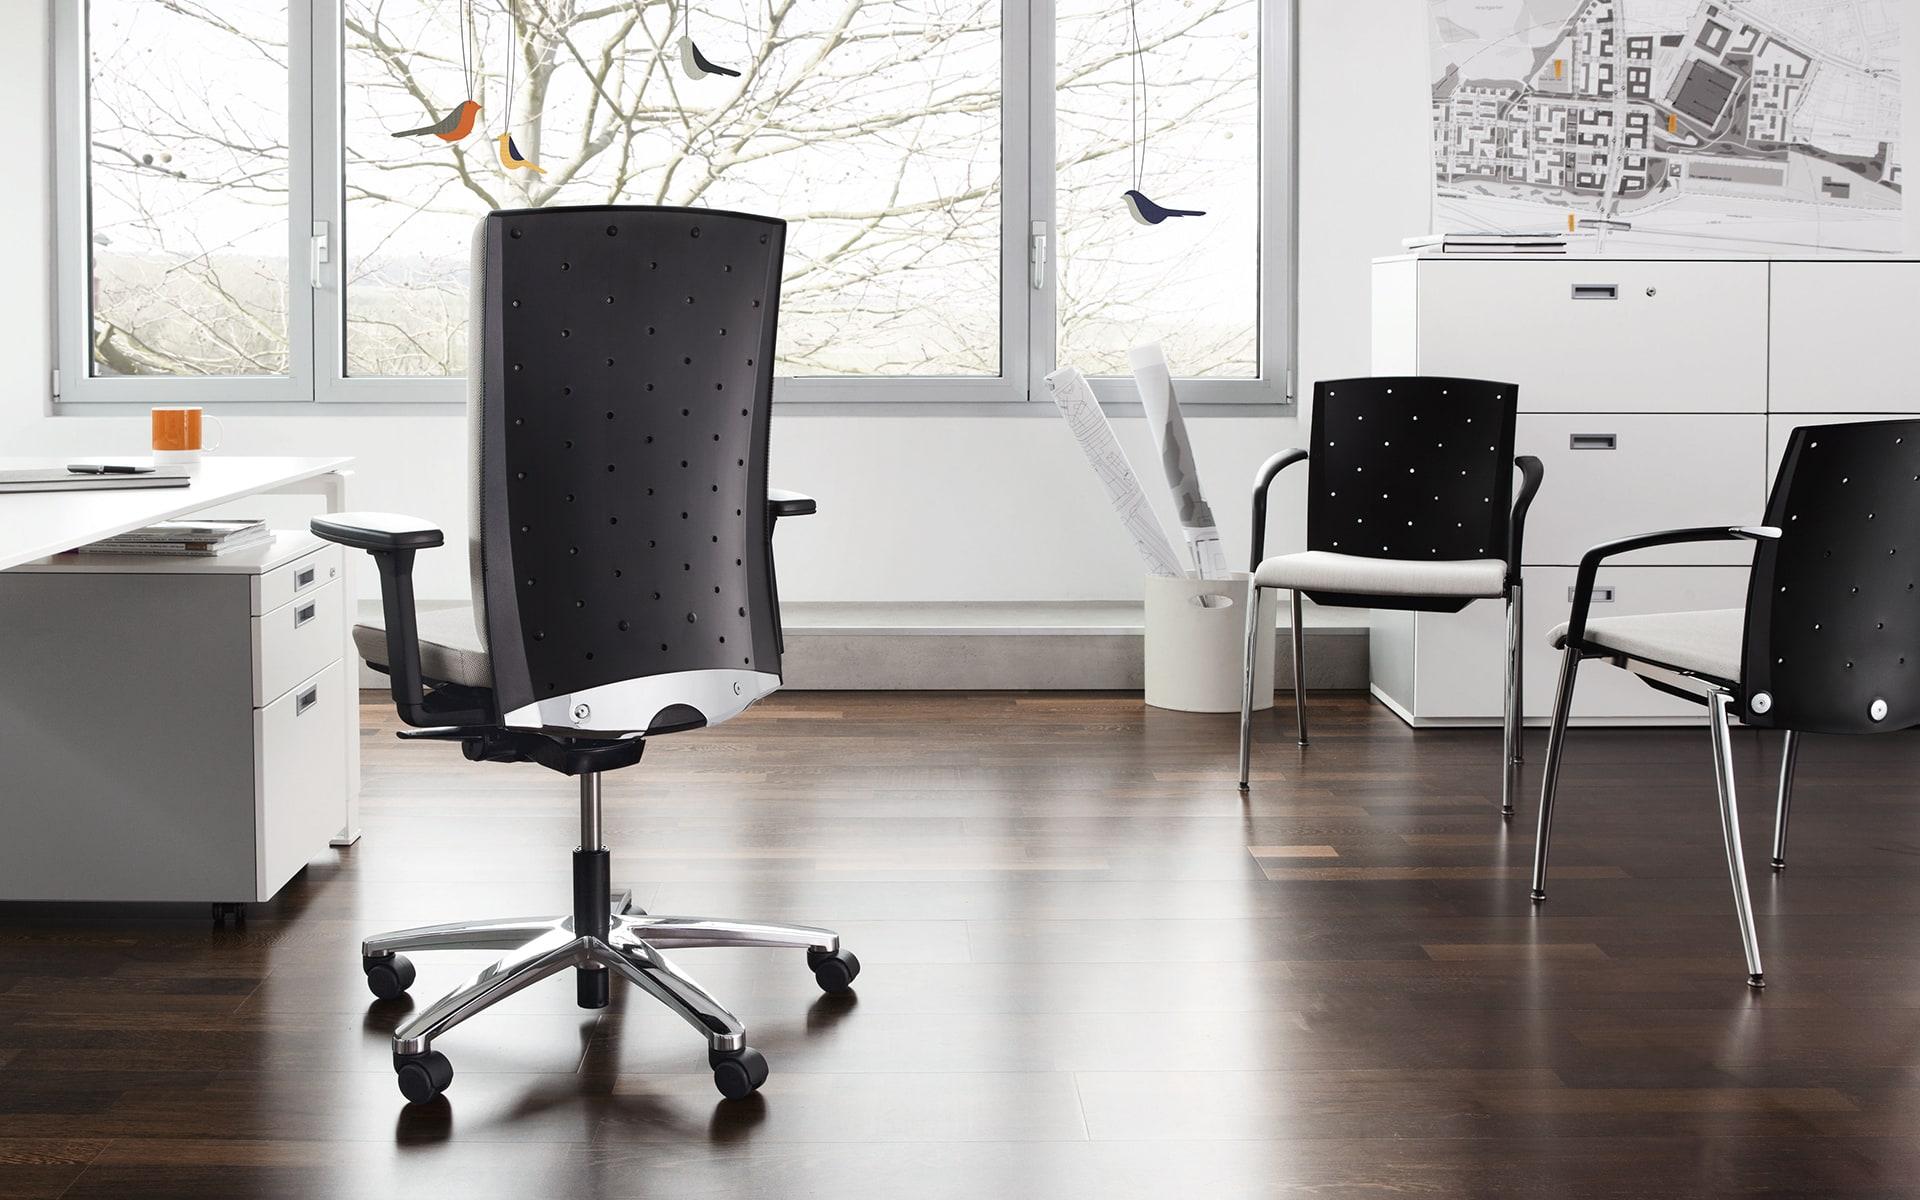 Verschiedene Modelle aus der König + Neurath Tensa Bürostuhlserie von ITO Design in Architekturbüro